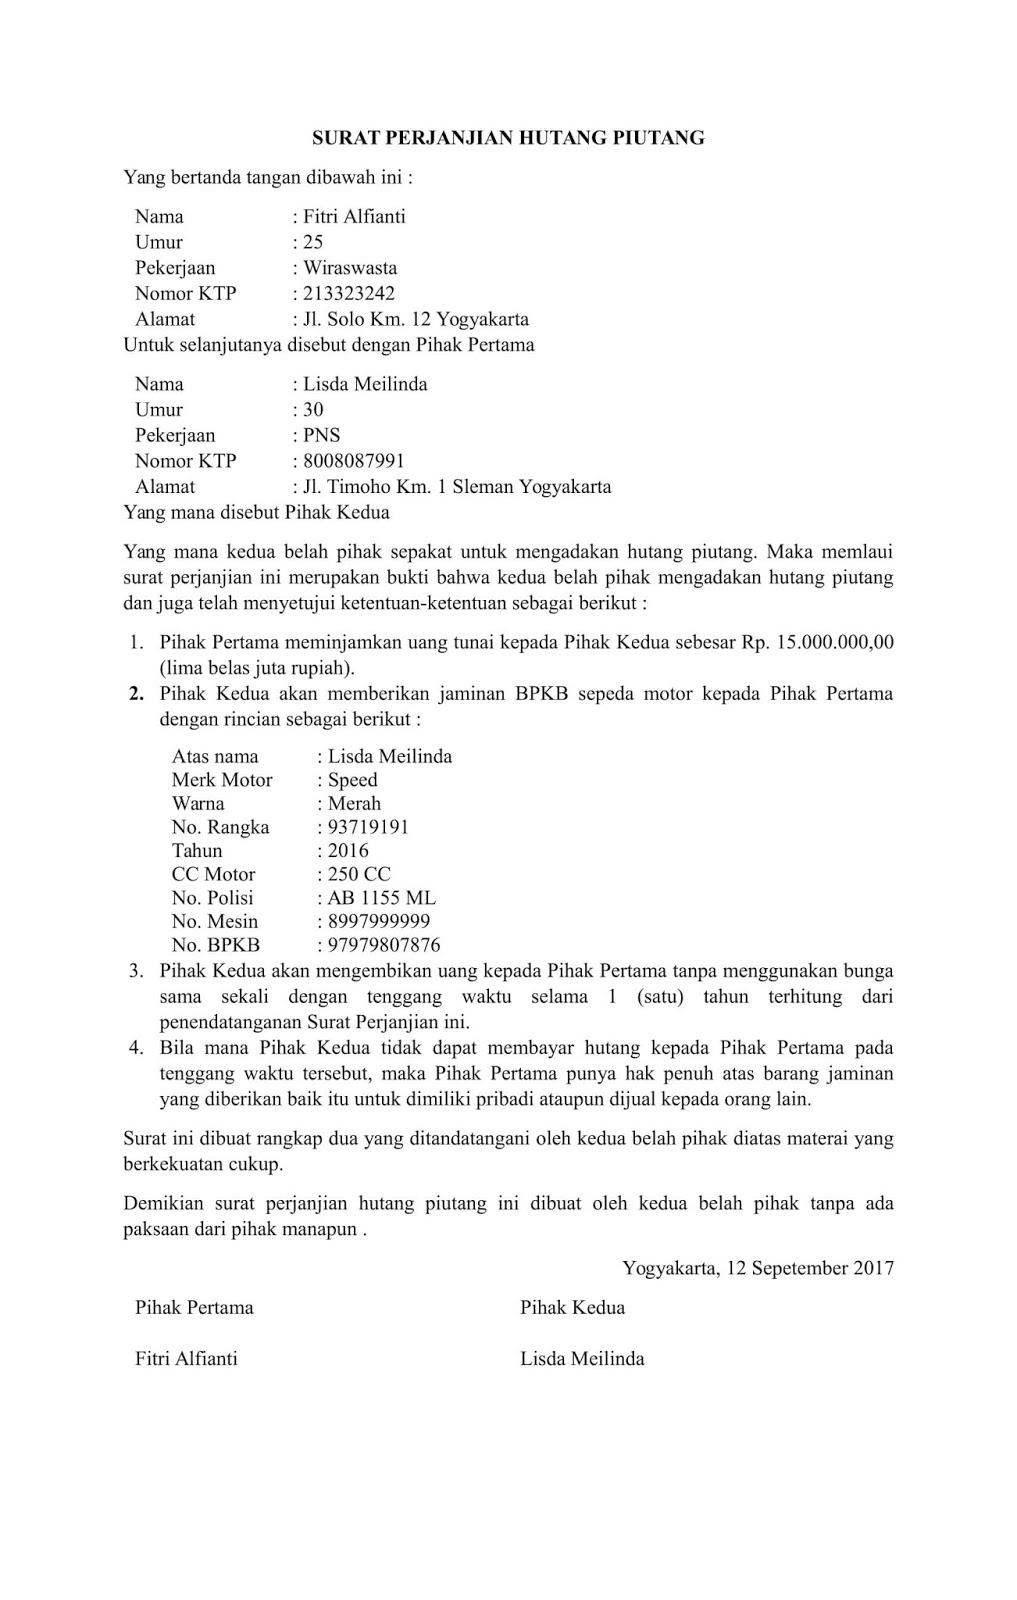 Contoh Surat Perjanjian Hutang Lengkap Dengan Jaminan